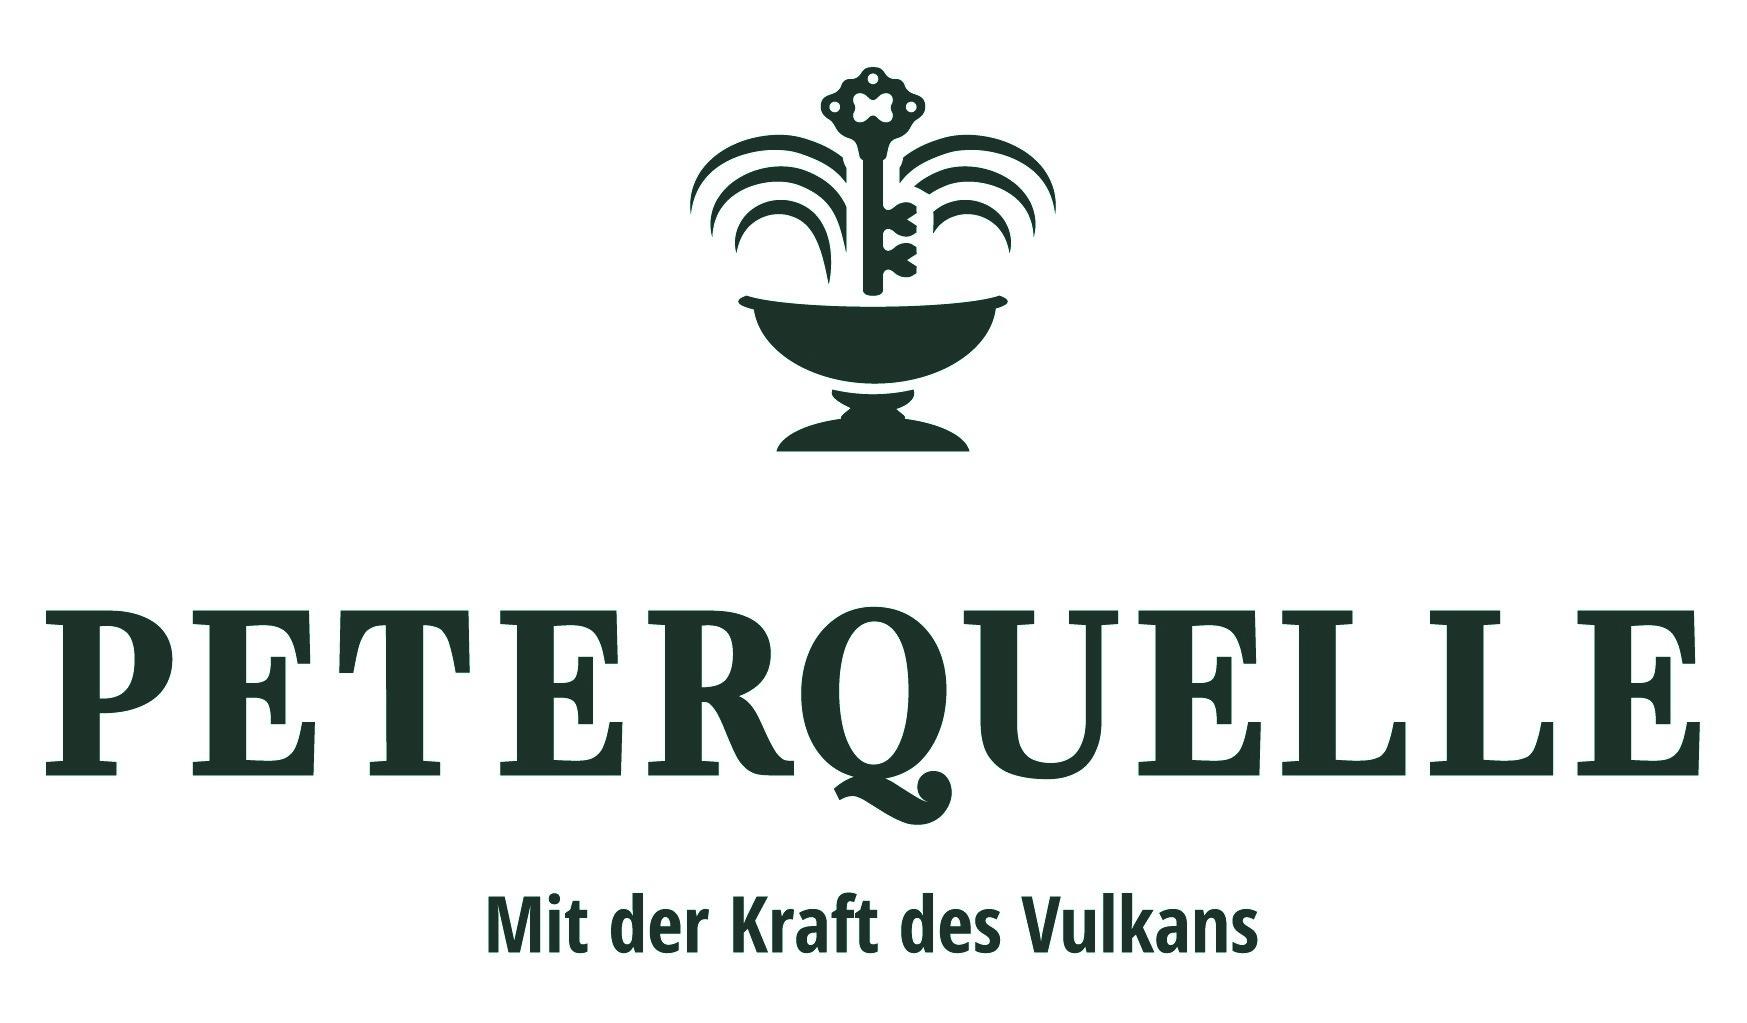 Peterquelle